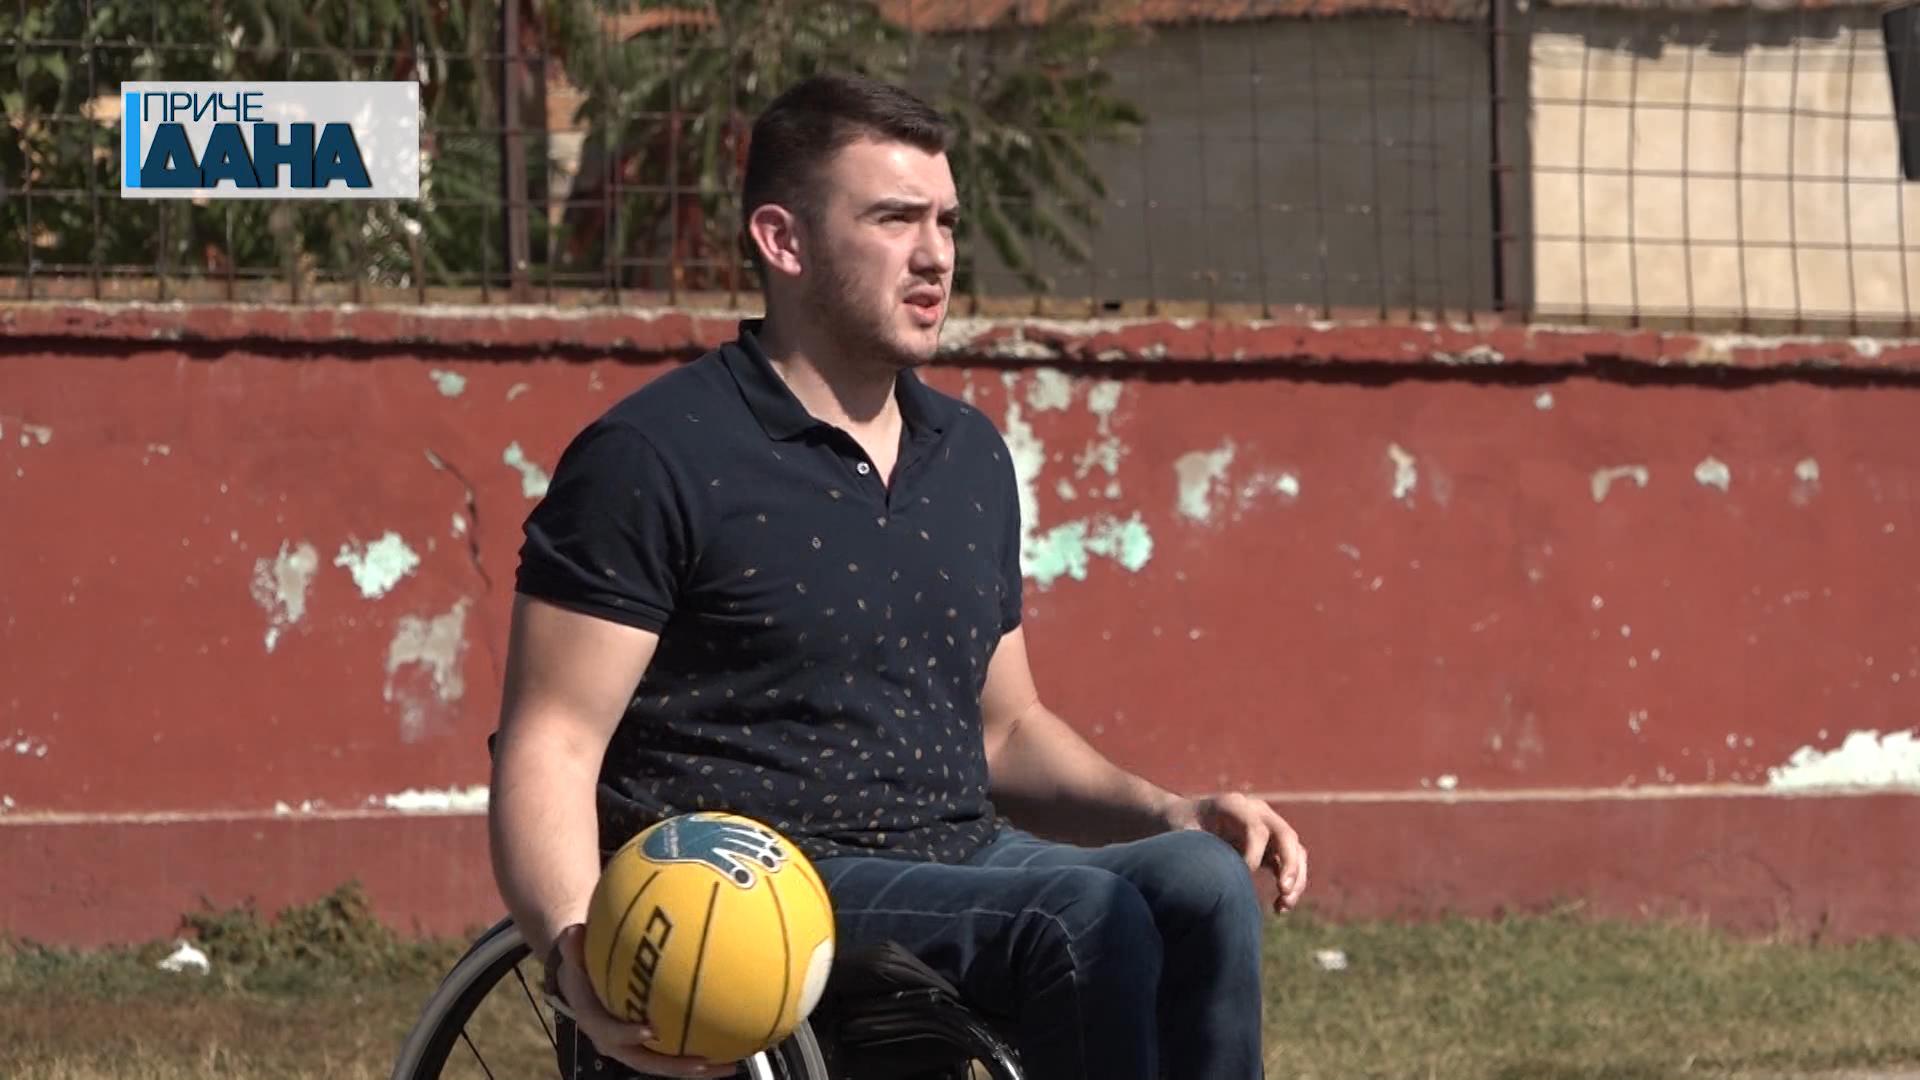 DAN U MOJIM CIPELAMA – Filip Jovanović, košarkaš u kolicima